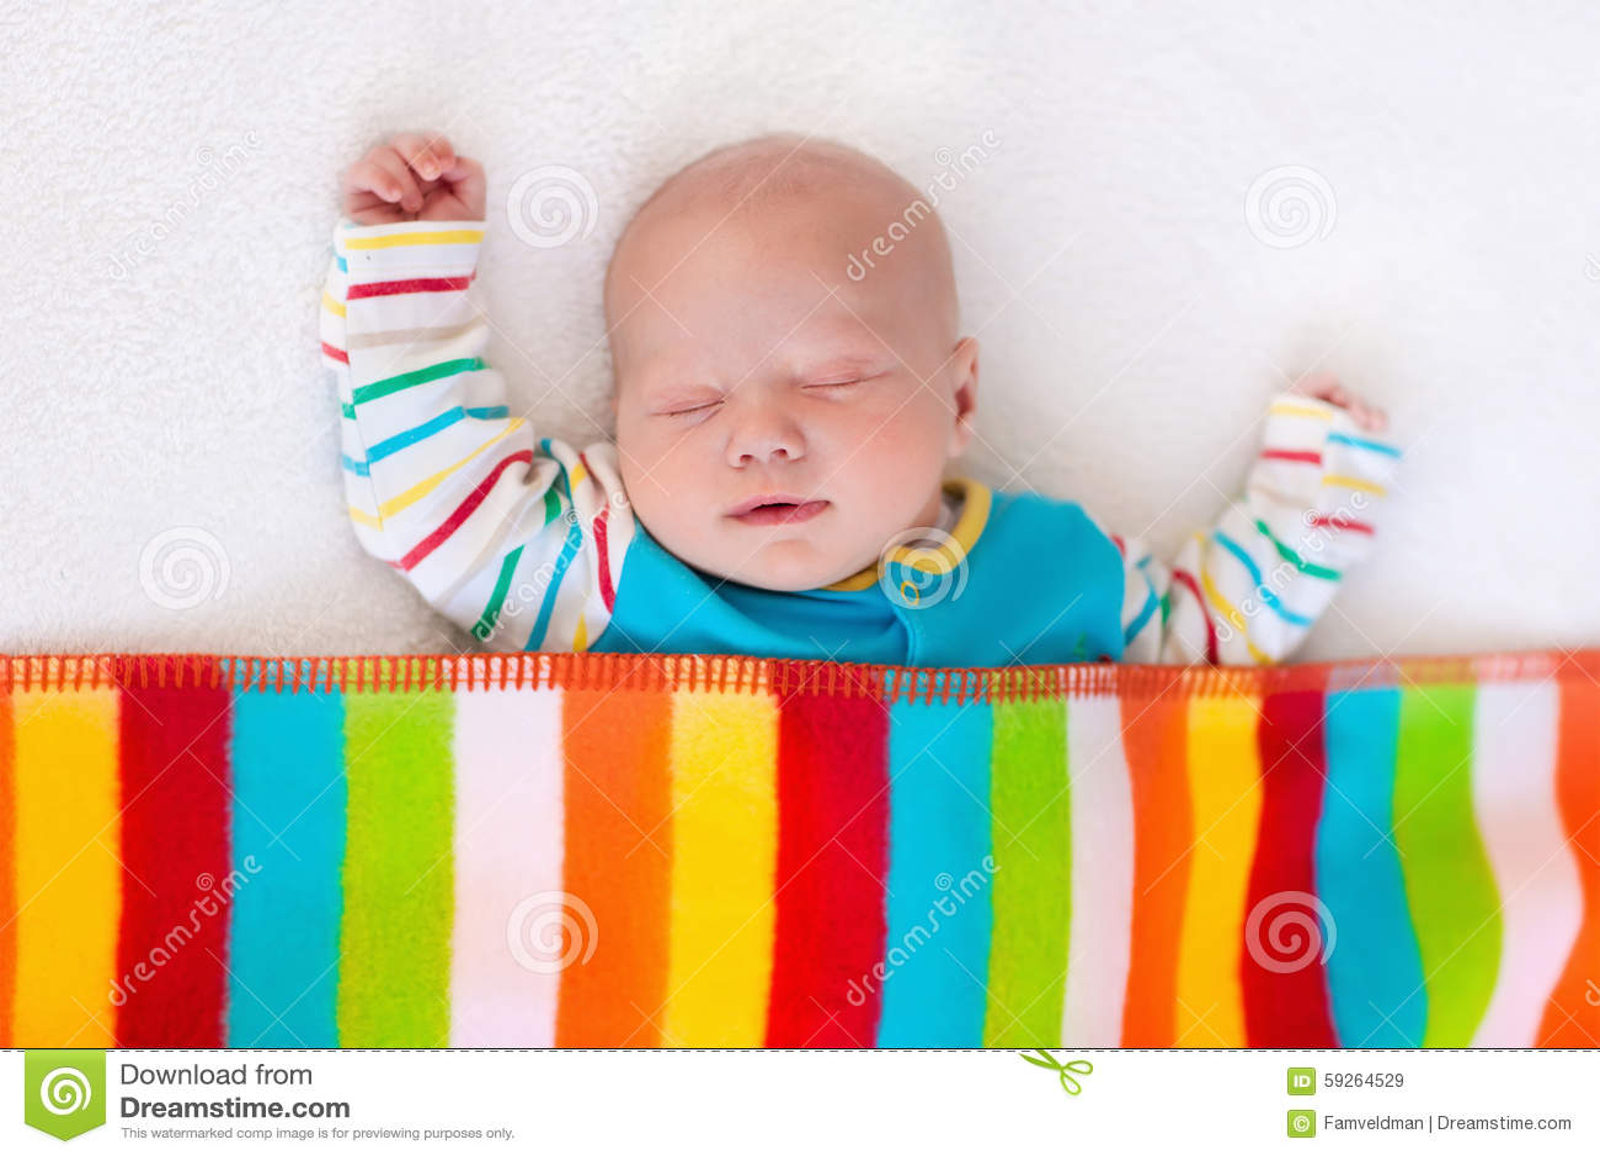 1f38dfa8 Bebé recién nacido en cama Niño recién nacido que duerme debajo de una  manta colorida Sueño de los niños Lecho para los niños El tomar una siesta  infantil ...